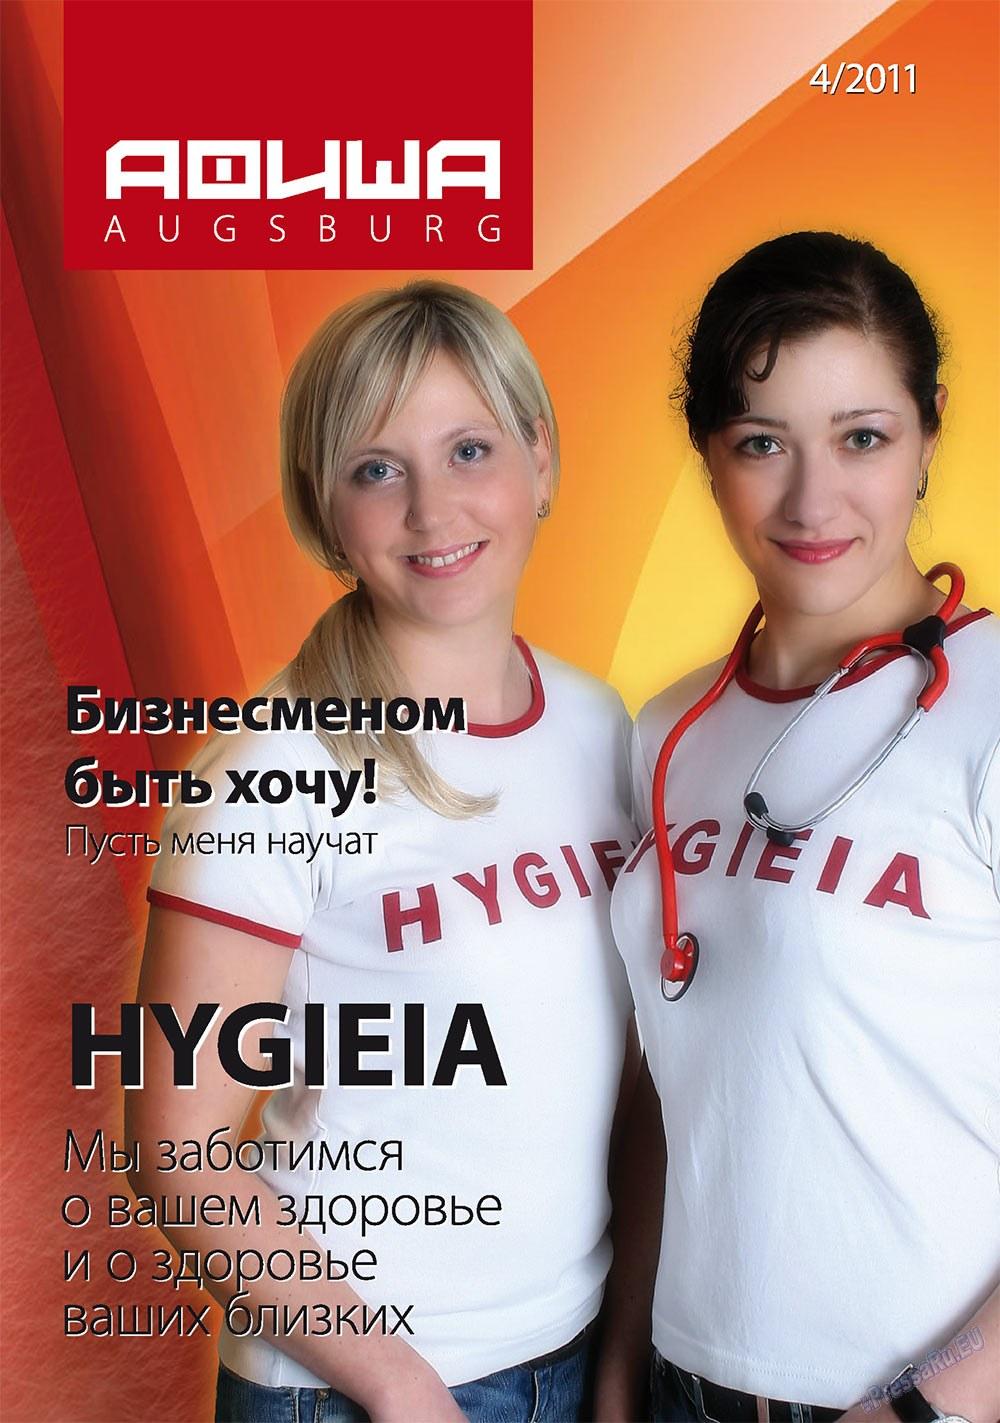 Афиша Augsburg (журнал). 2011 год, номер 4, стр. 1